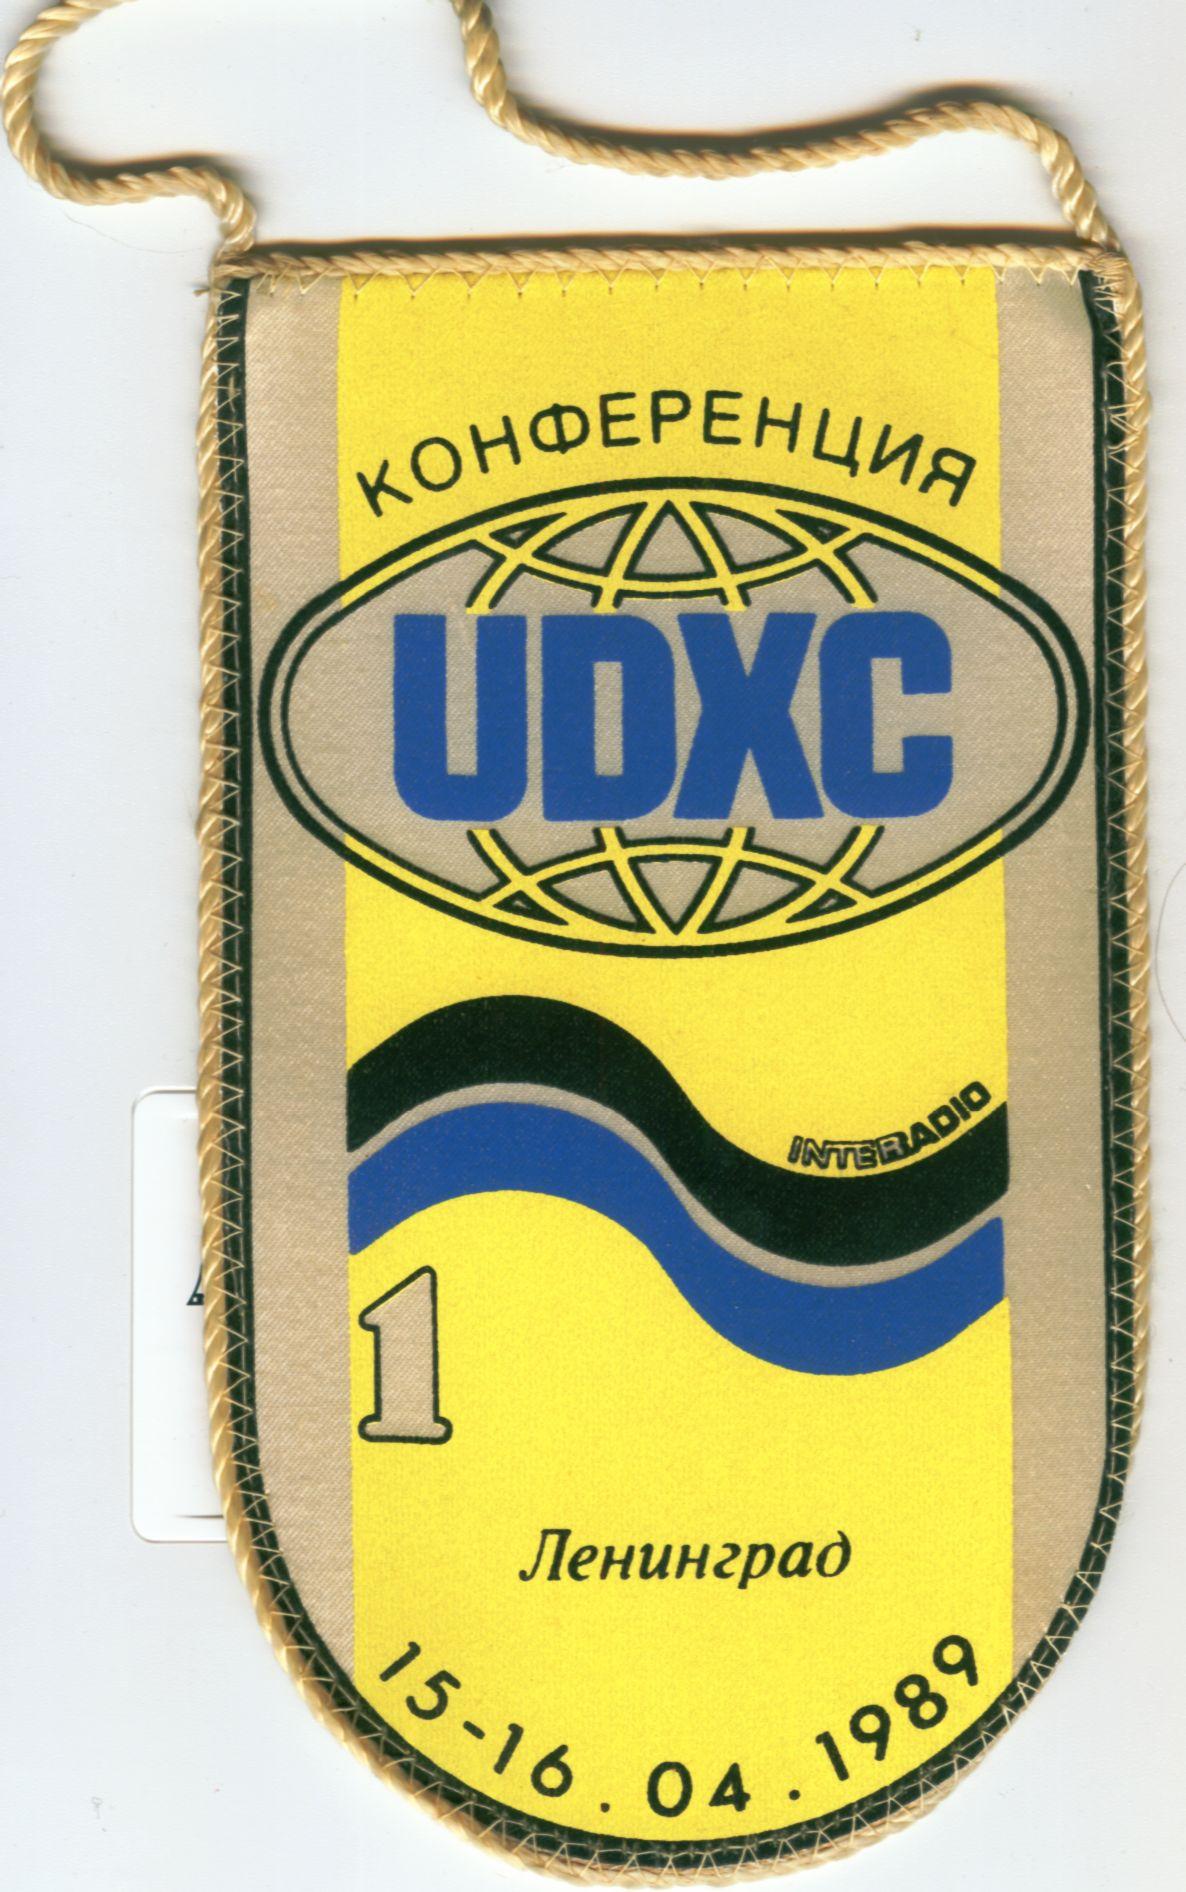 Нажмите на изображение для увеличения.  Название:UDXC.jpg Просмотров:182 Размер:277.1 Кб ID:92909